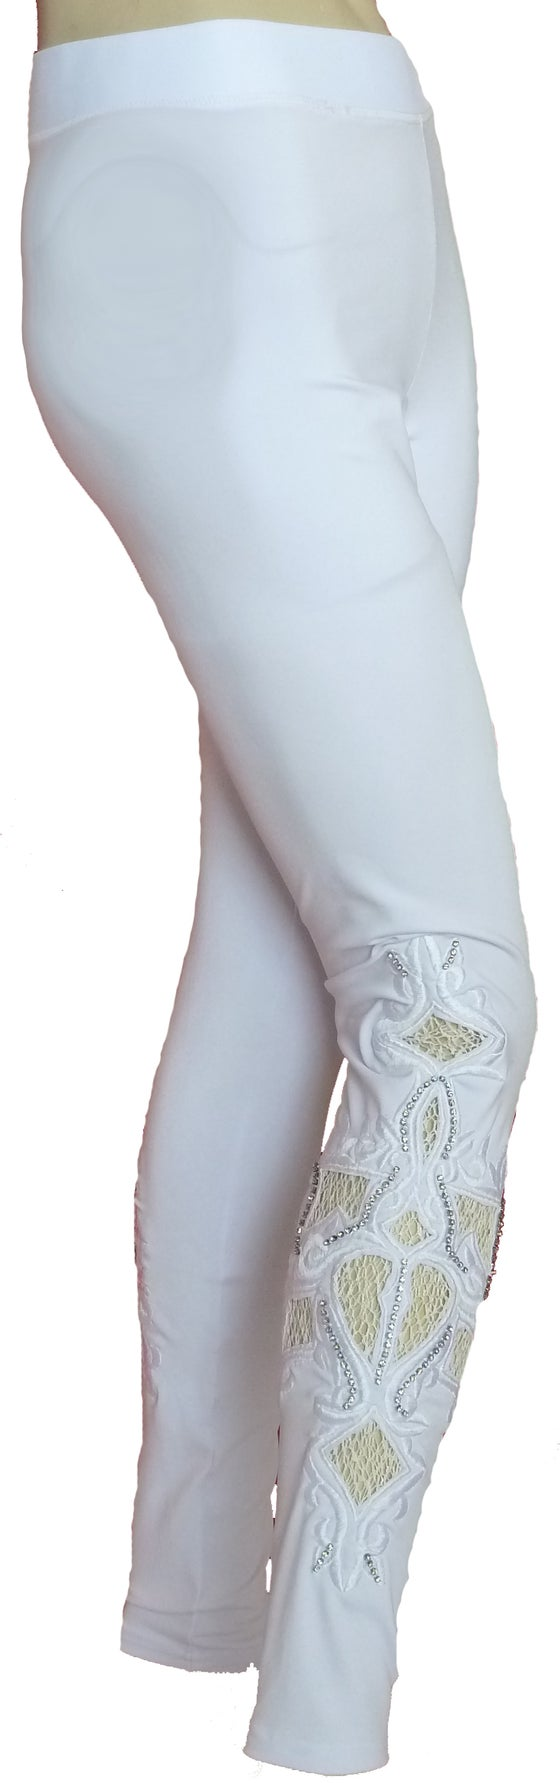 Image of White Bling! FW3446White